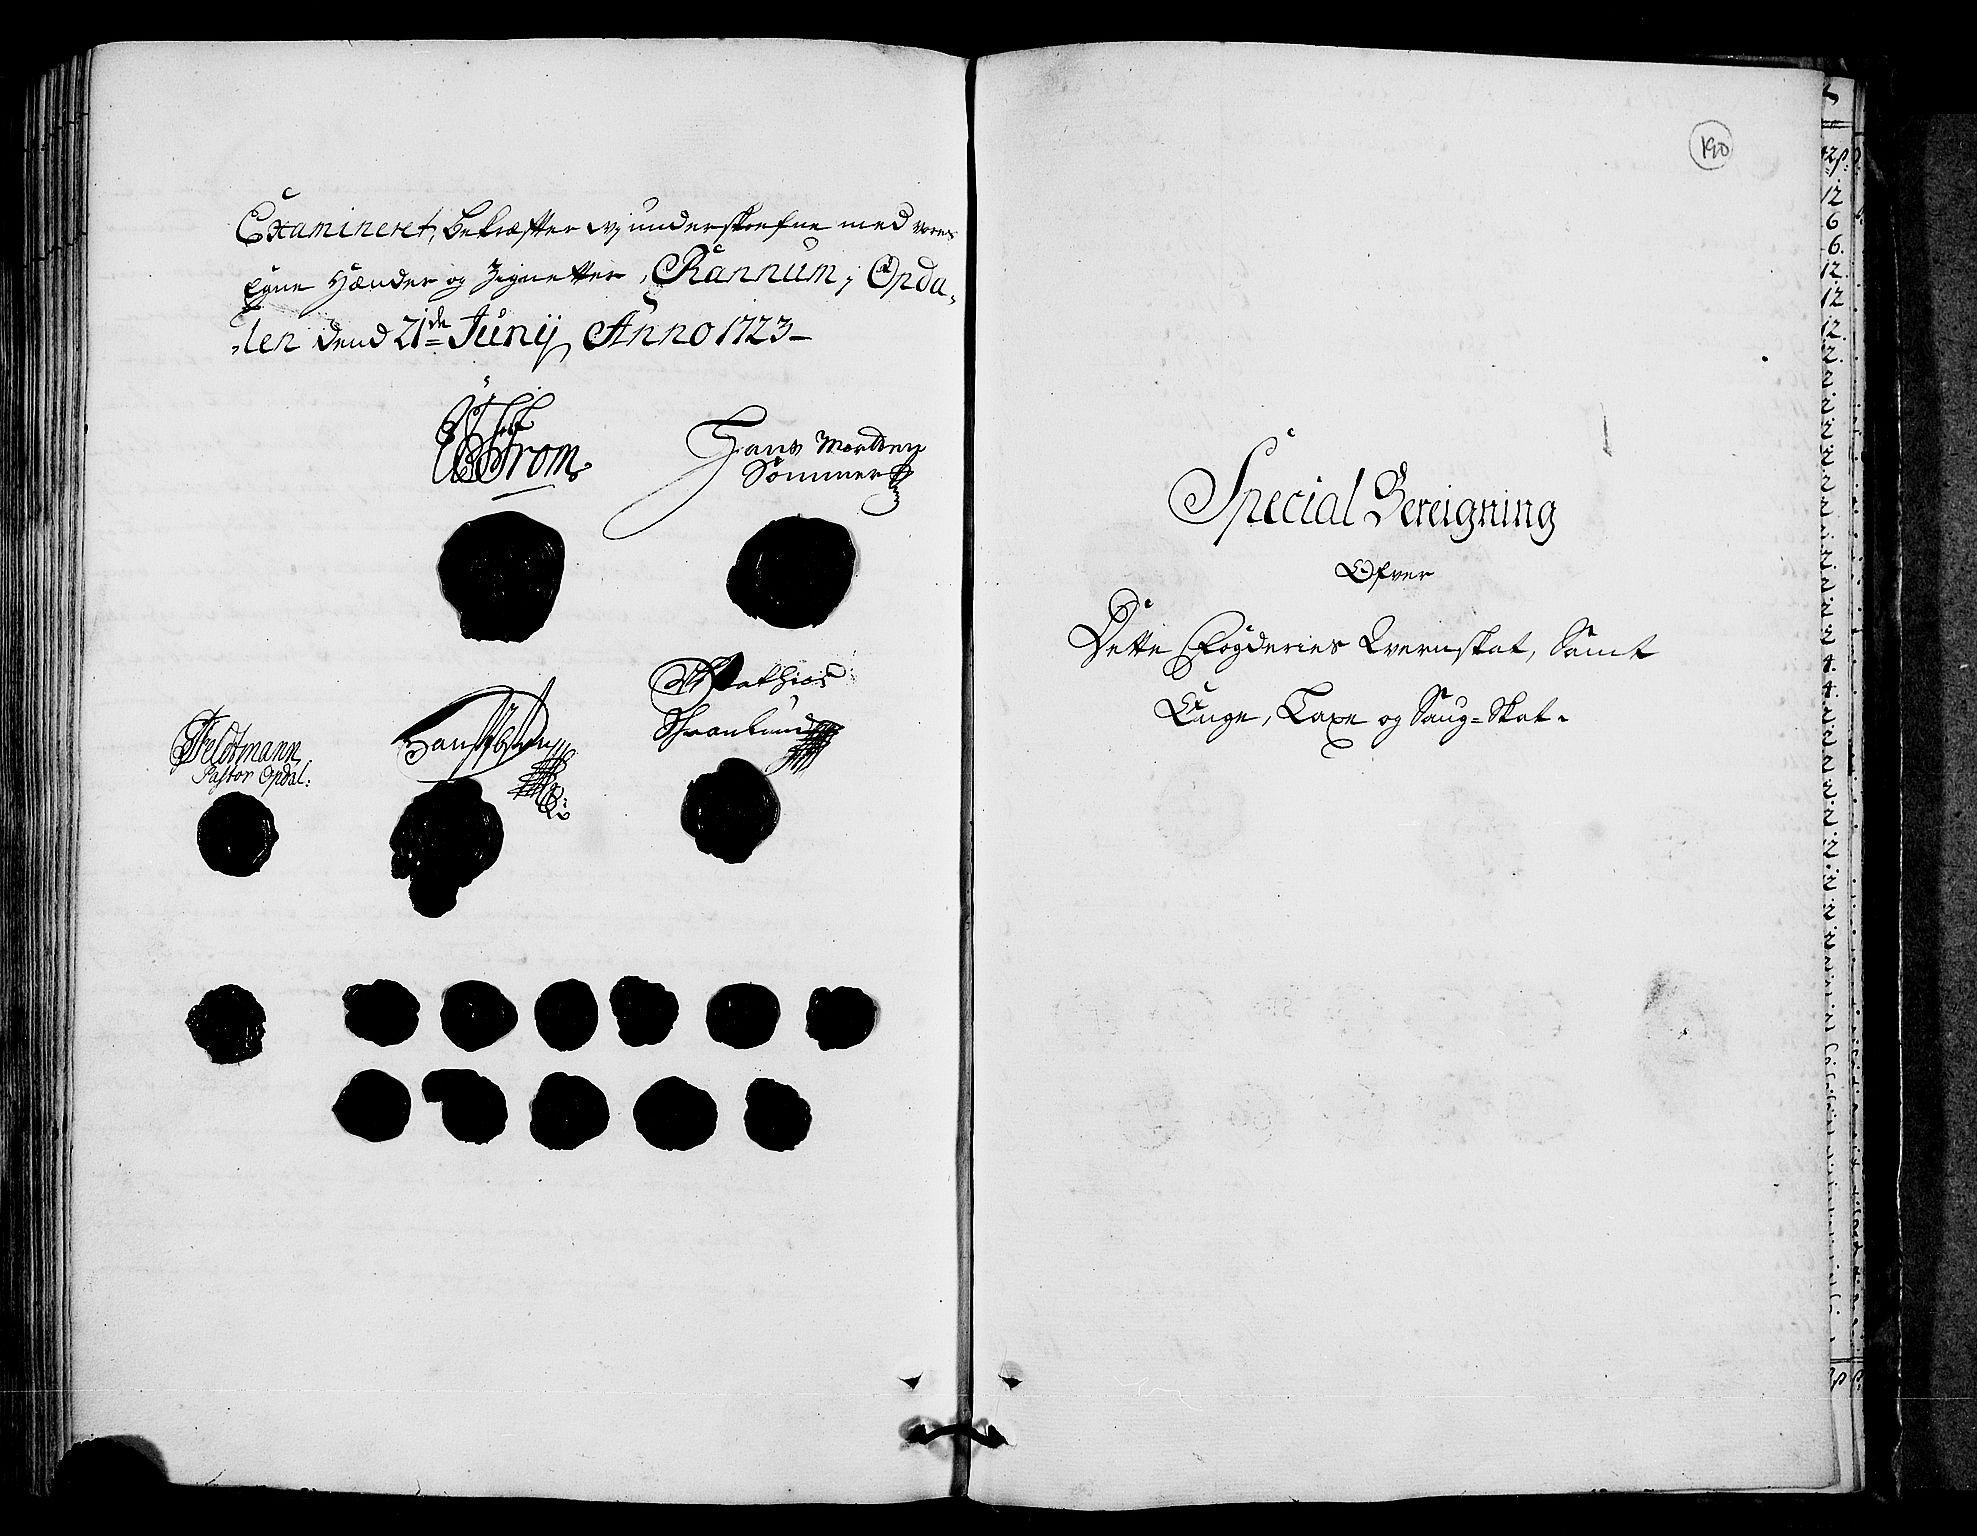 RA, Rentekammeret inntil 1814, Realistisk ordnet avdeling, N/Nb/Nbf/L0156: Orkdal eksaminasjonsprotokoll, 1723, s. 189b-190a